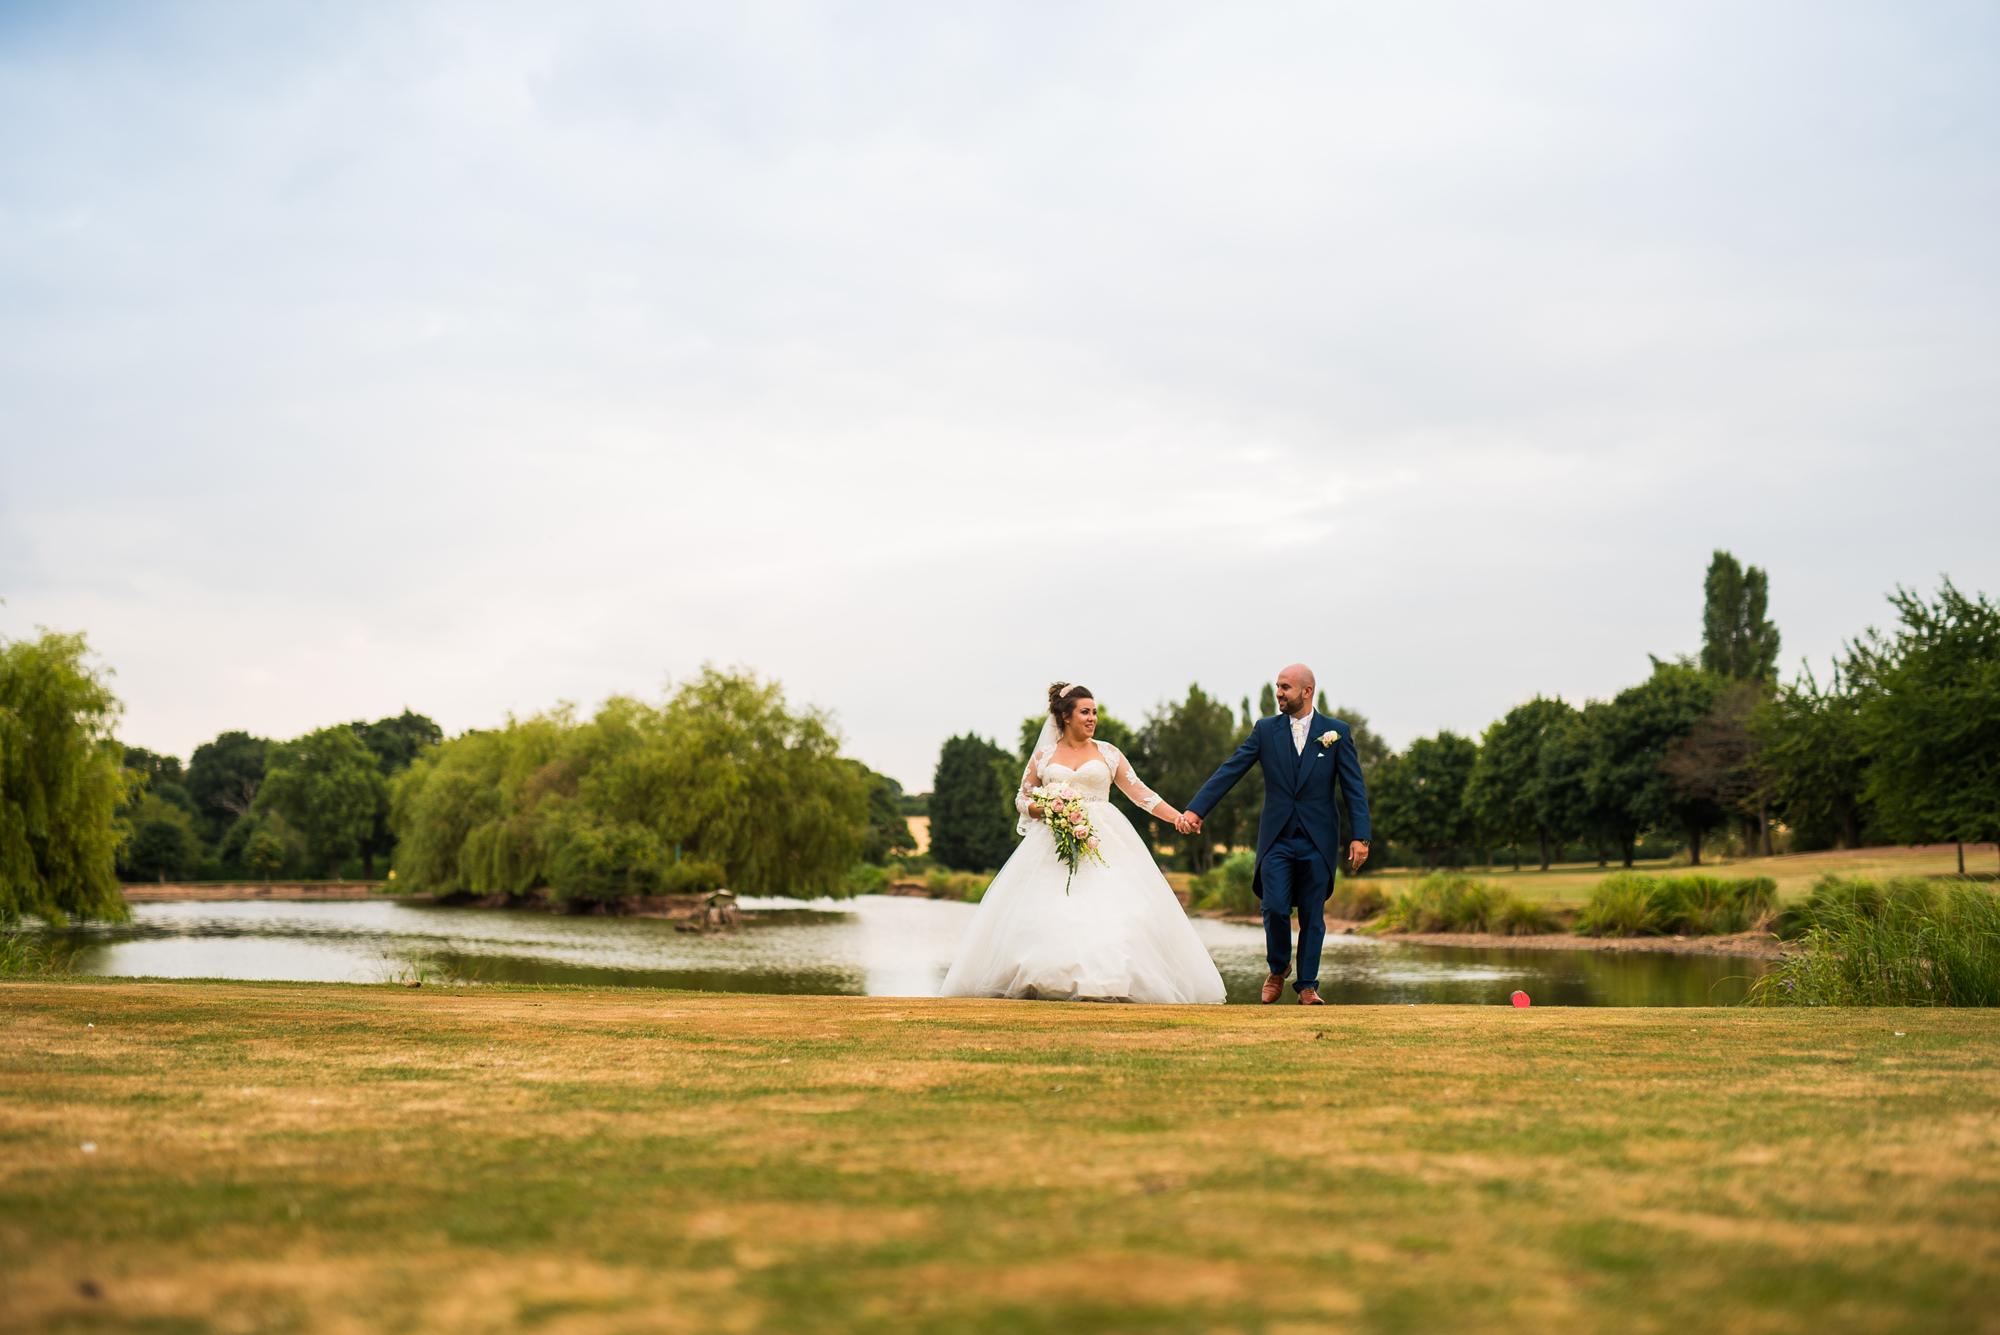 Roise and John wedding photos (324 of 383).jpg